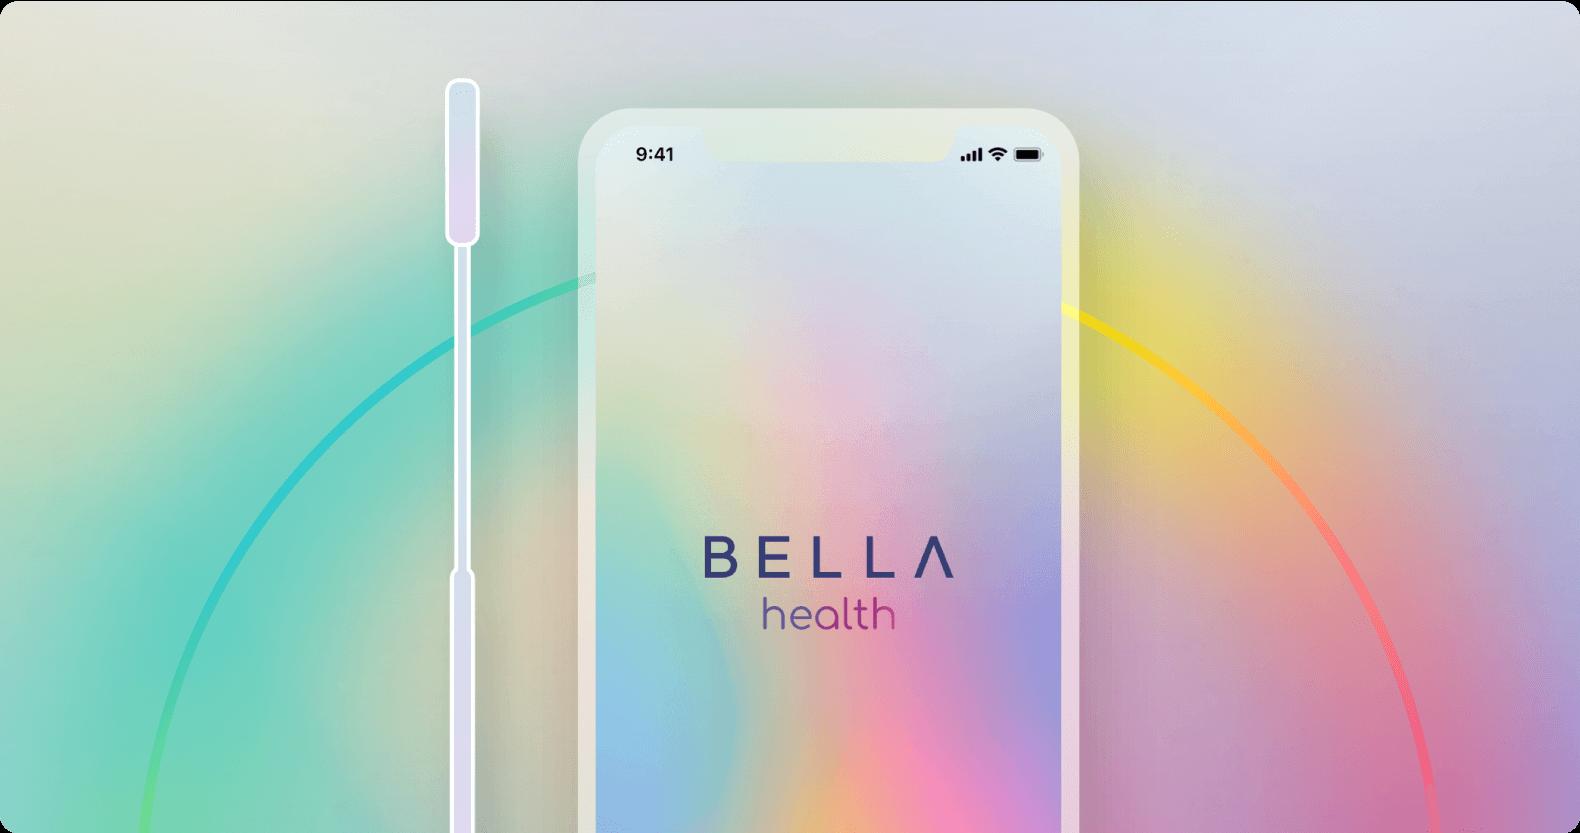 Bella Health app illustration